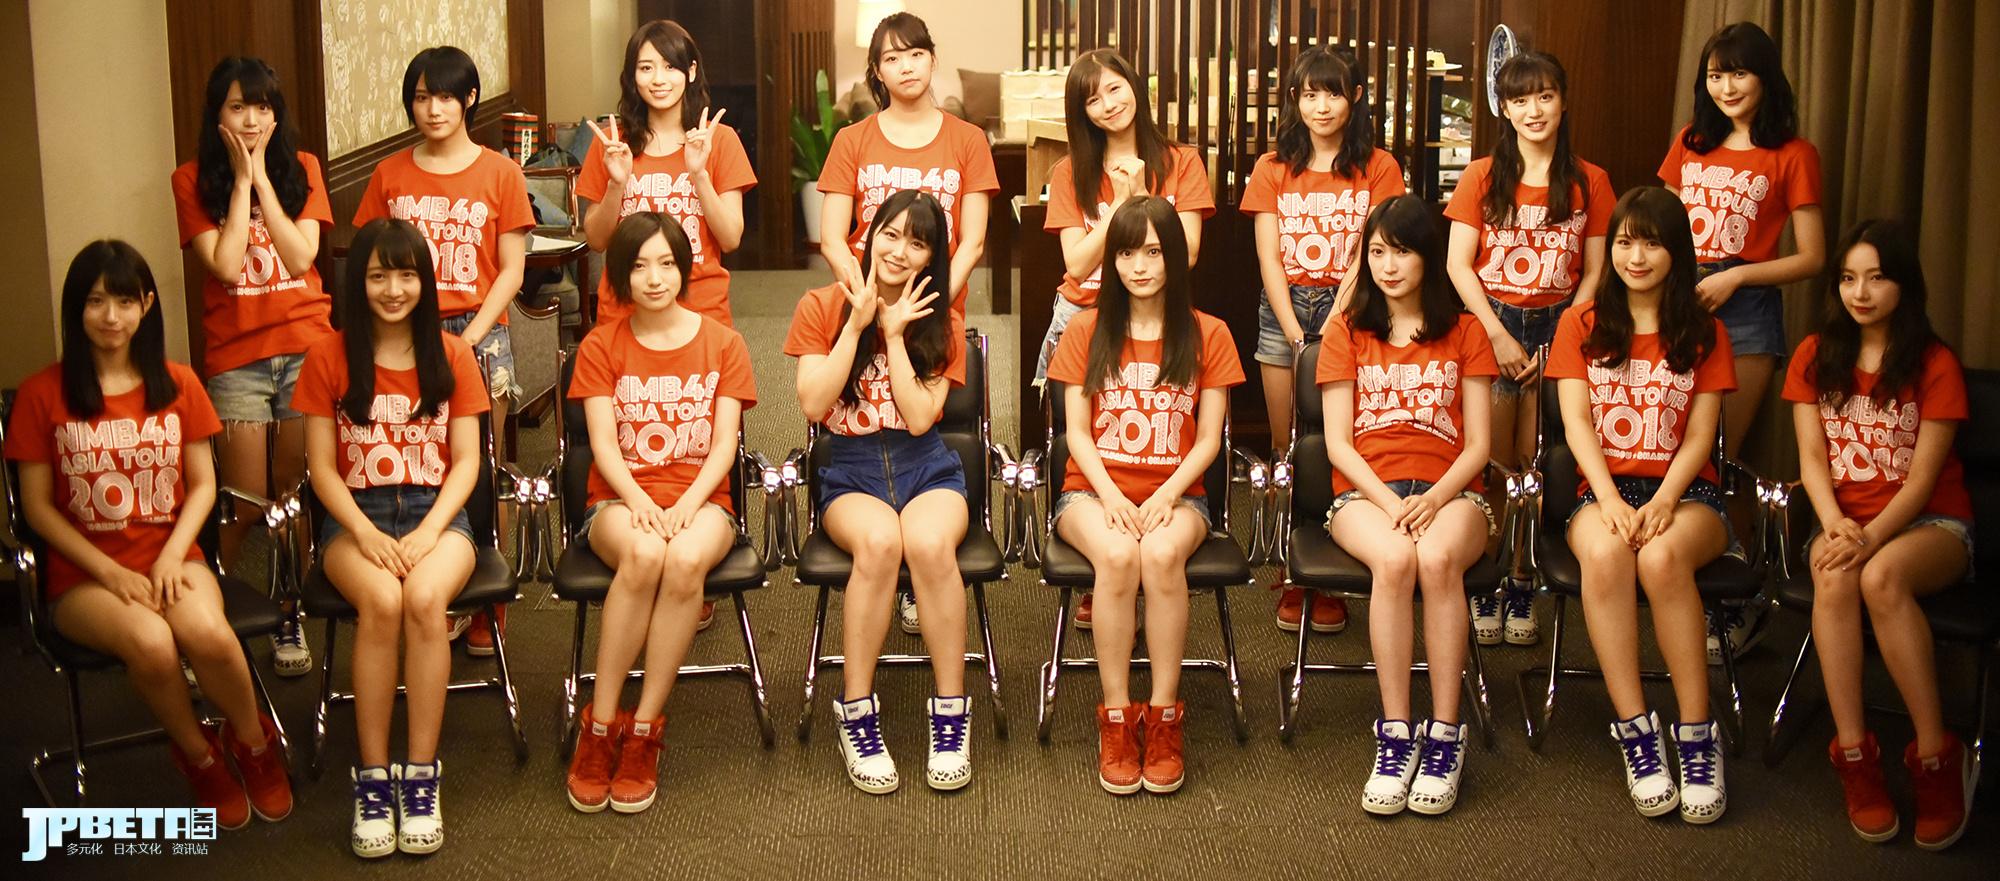 视频采访 | NMB48中国公演,满满元气少女力你感受到了吗?